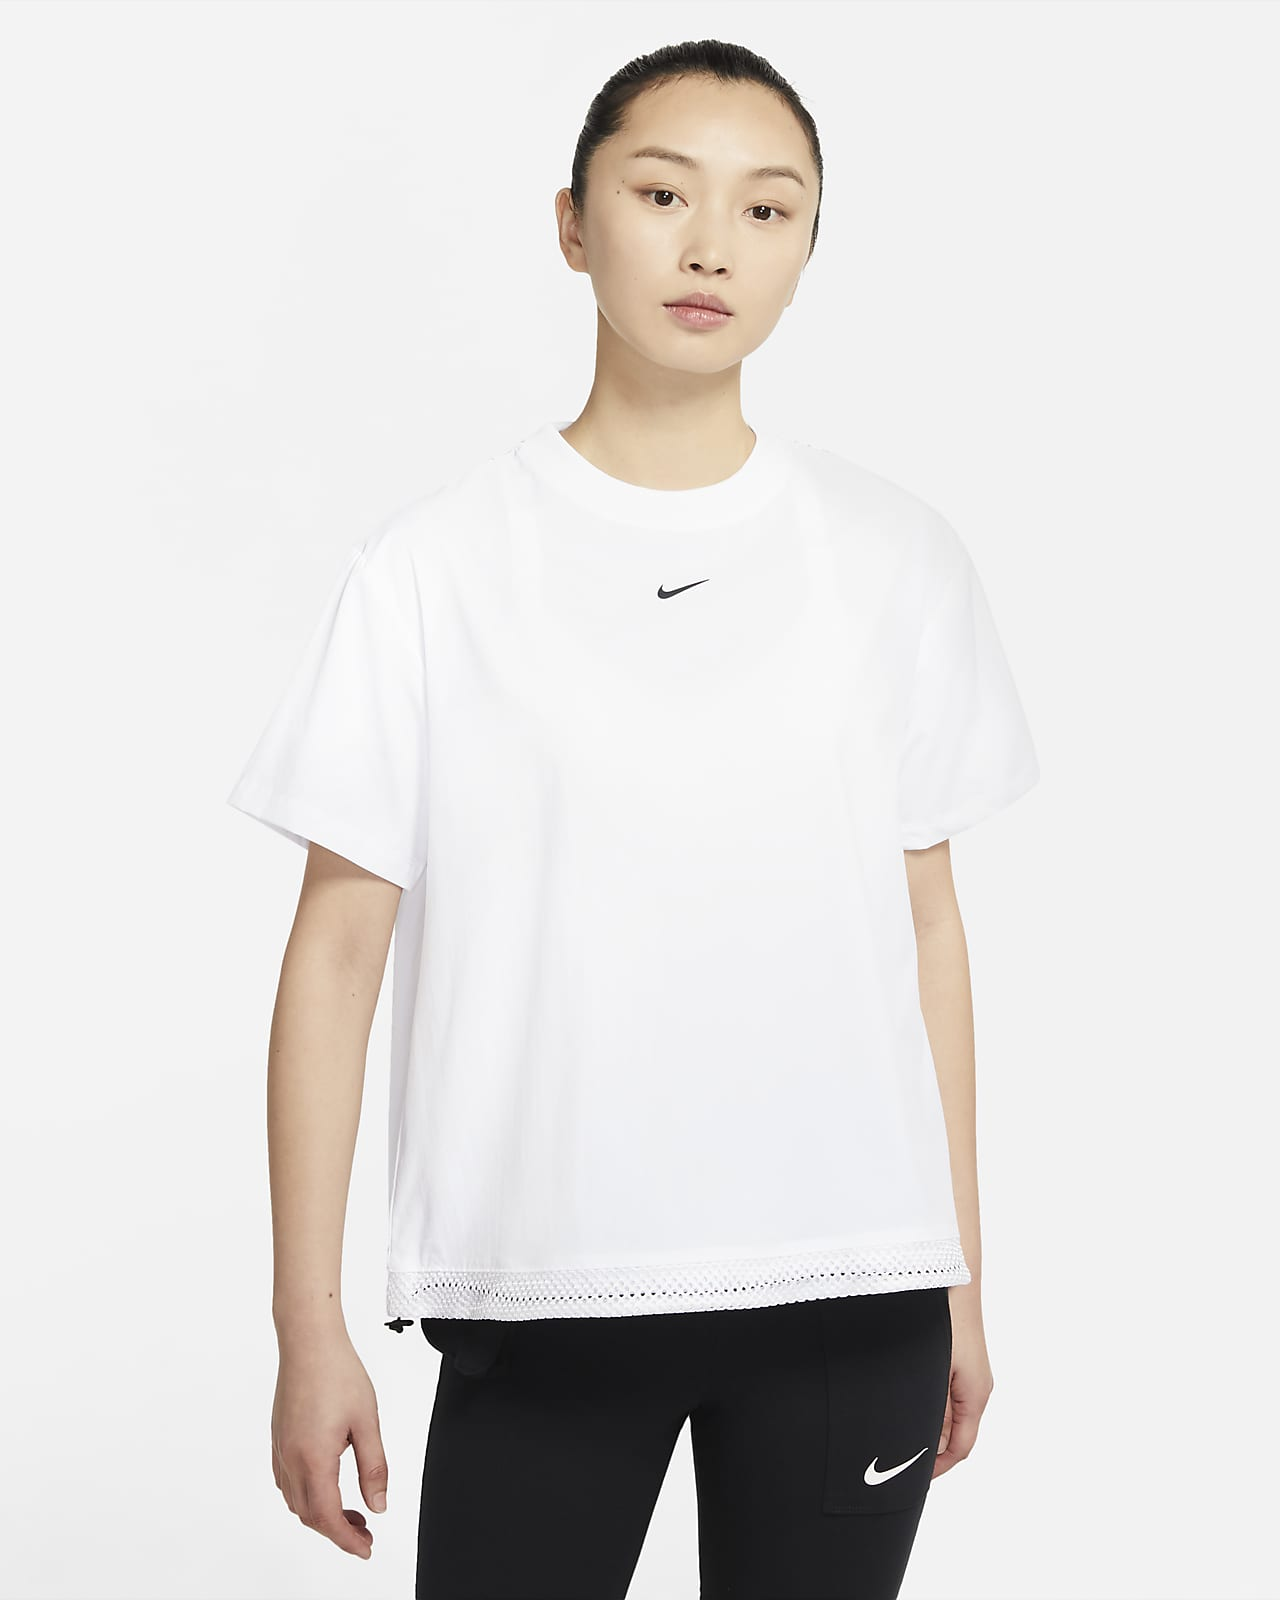 Nike Sportswear Tech Pack 女子短袖上衣